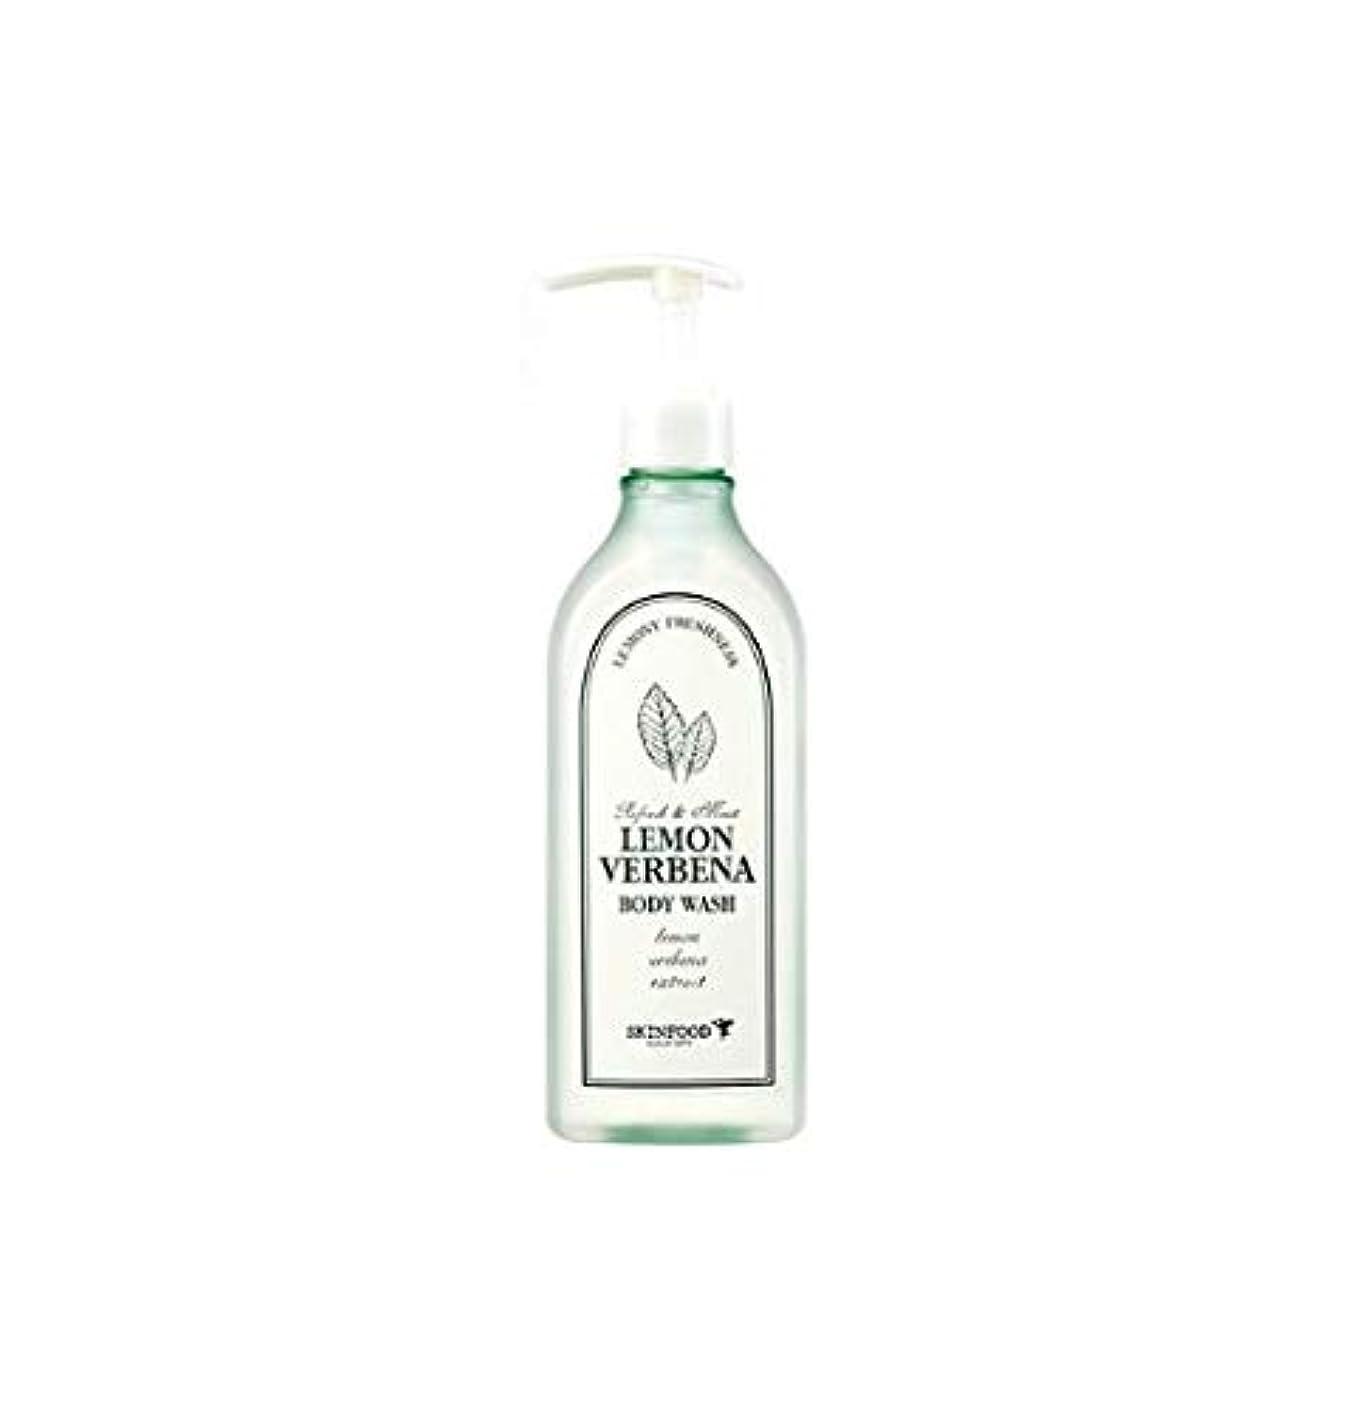 固める地図体操選手Skinfood レモンバーベナボディウォッシュ/Lemon Verbena Body Wash 335ml [並行輸入品]